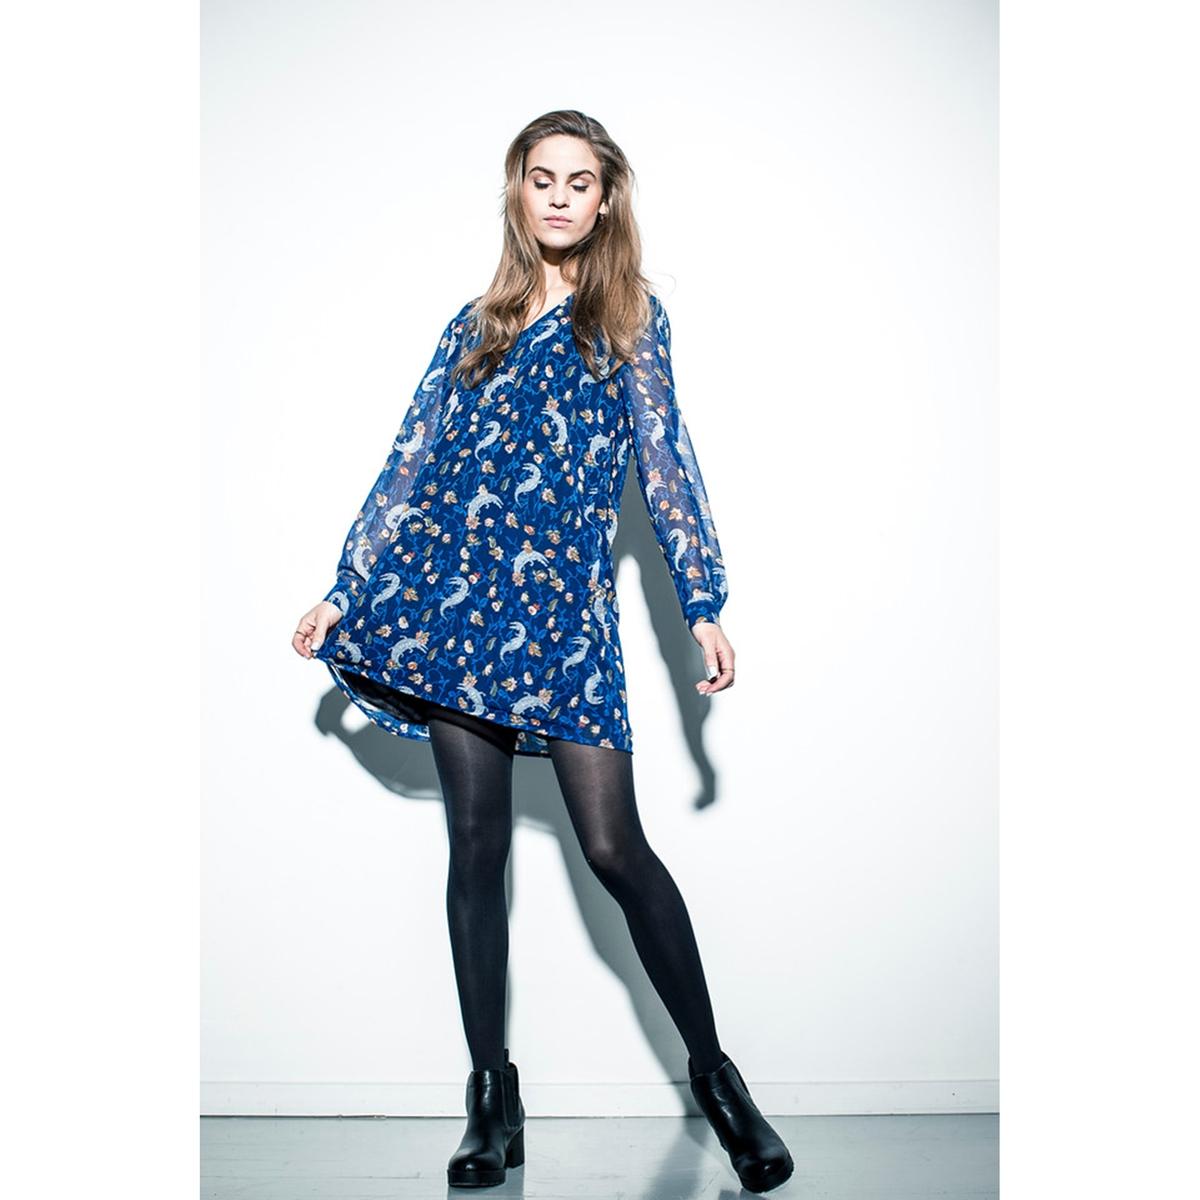 Платье с рисункомСостав и описание: Материал: 100% полиэстера.Марка: Numph.V-образный вырез спереди и сзади.<br><br>Цвет: синий<br>Размер: 34 (FR) - 40 (RUS).42 (FR) - 48 (RUS)